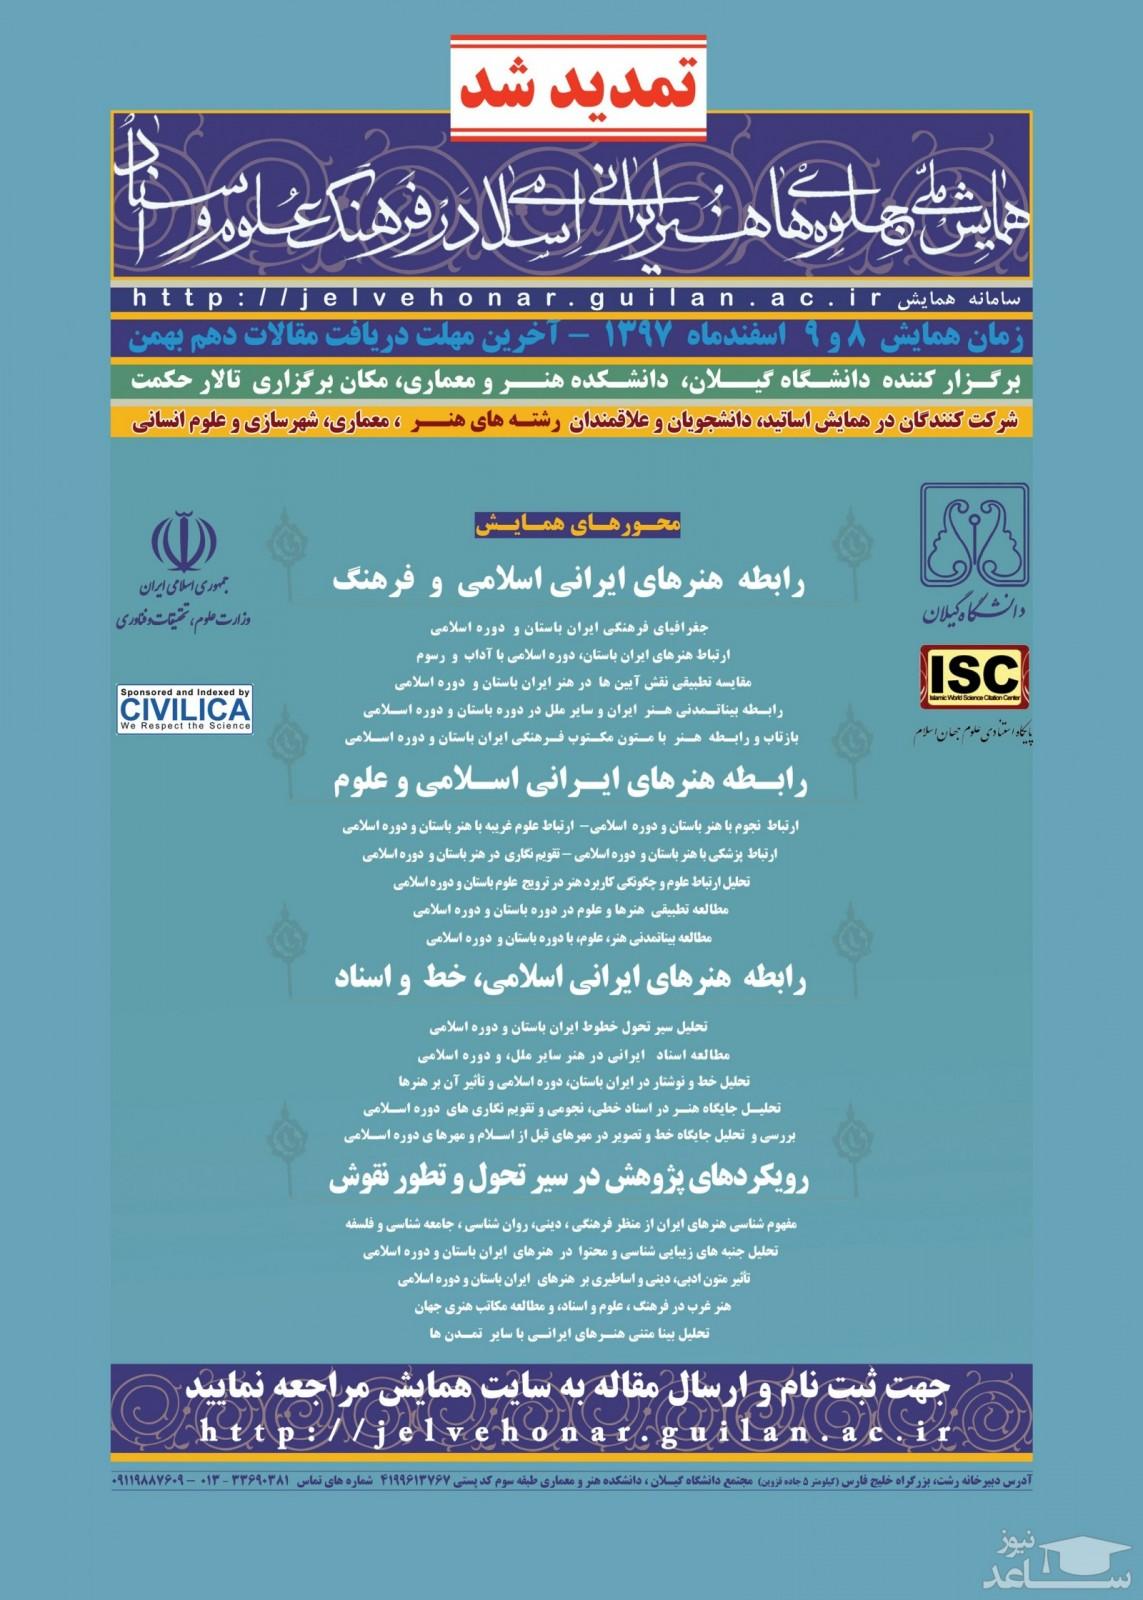 همایش ملی جلوه های هنر ایرانی - اسلامی در فرهنگ علوم و سناد